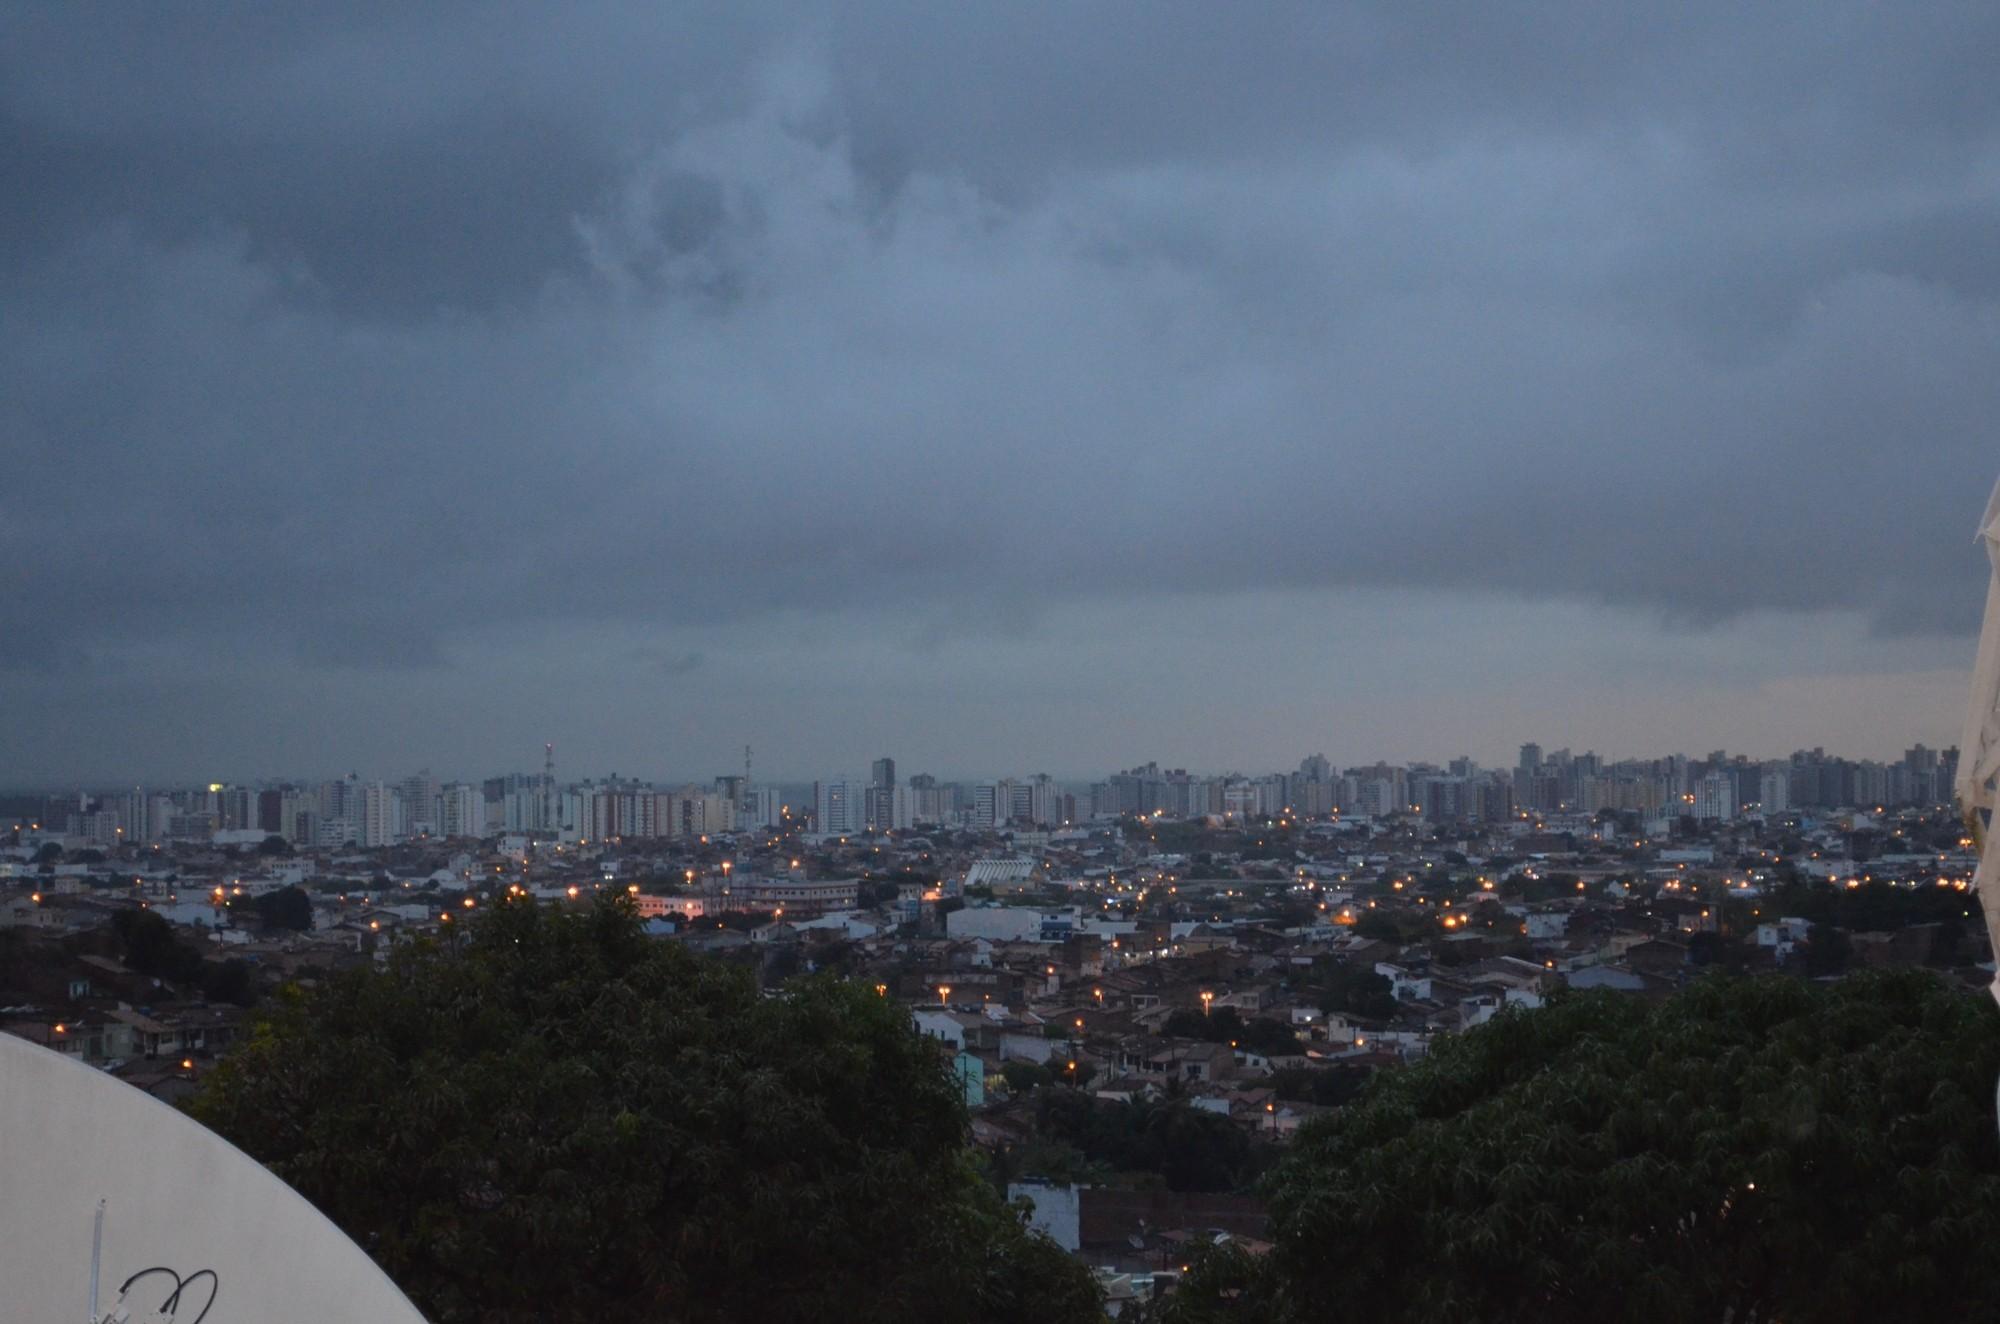 Volume de chuva em Aracaju está dentro do esperado, mas ventos fortes preocupam, diz defesa Civil